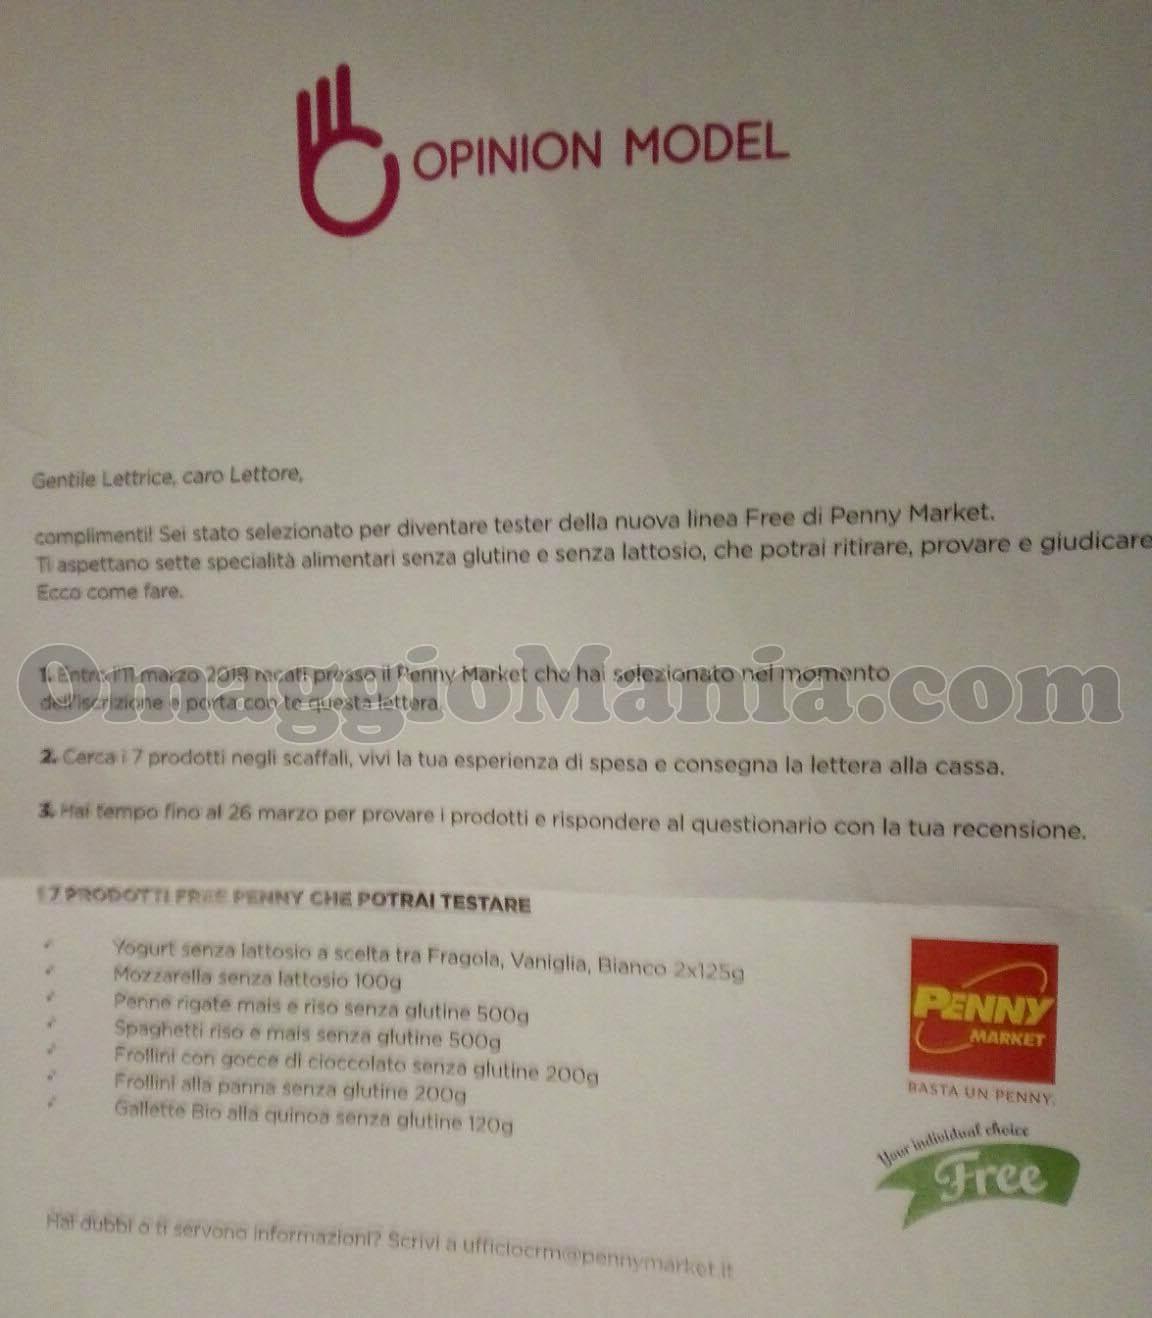 lettera prodotti Free Penny Market di Simona